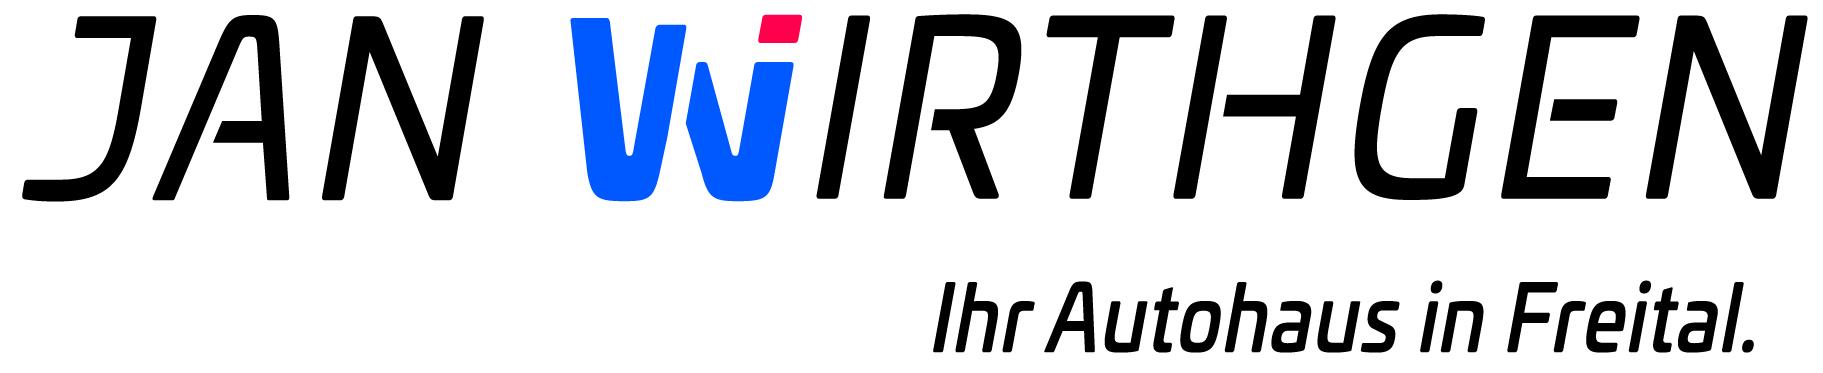 Autohaus Jan Wirthgen GmbH & Co. KG